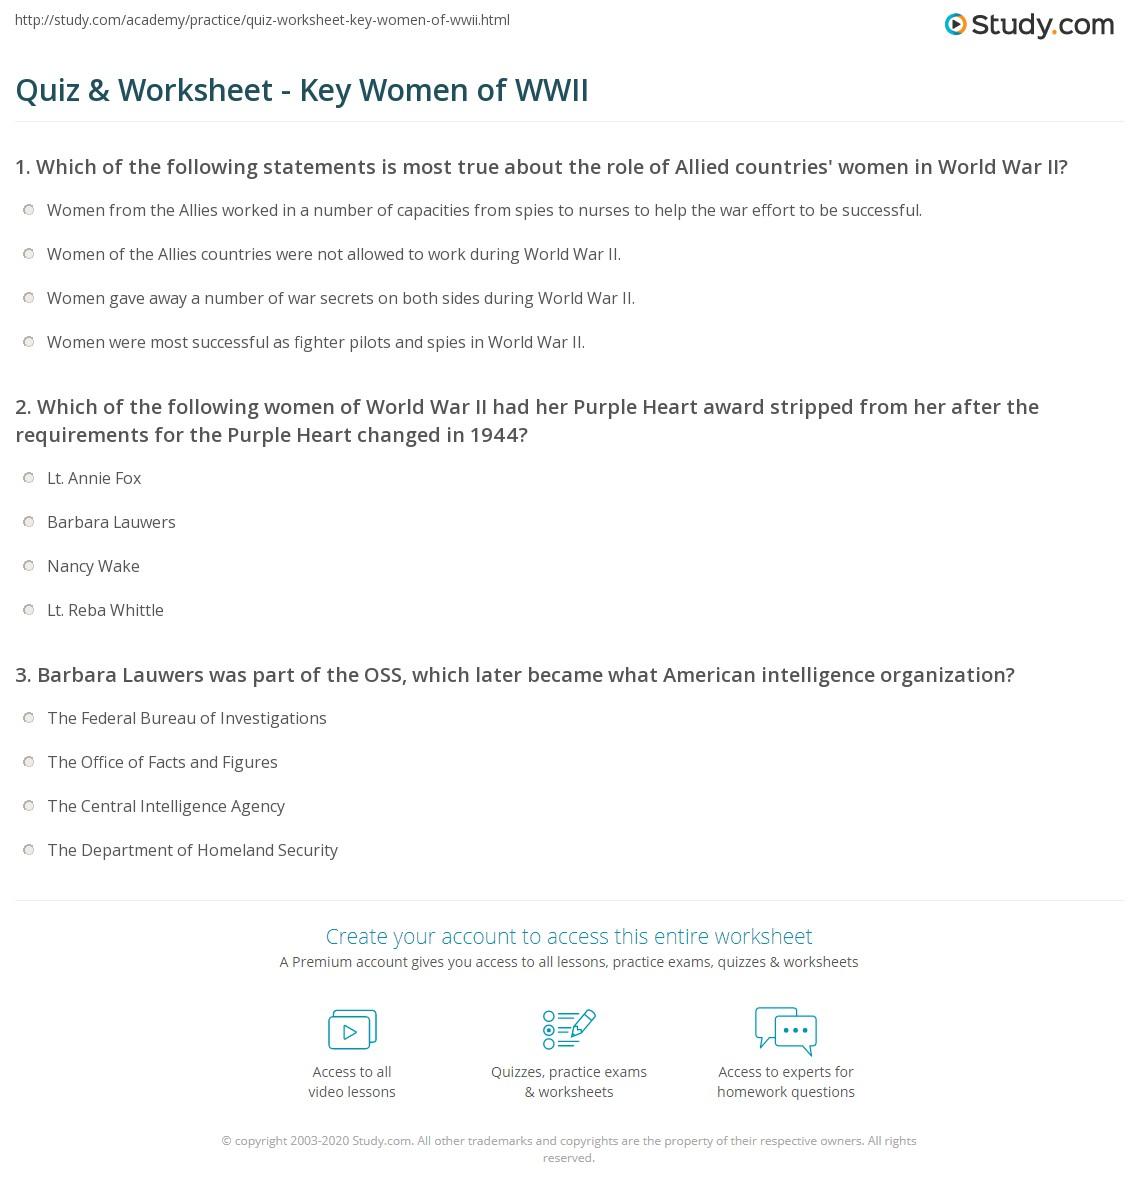 Famous women in World War 1?